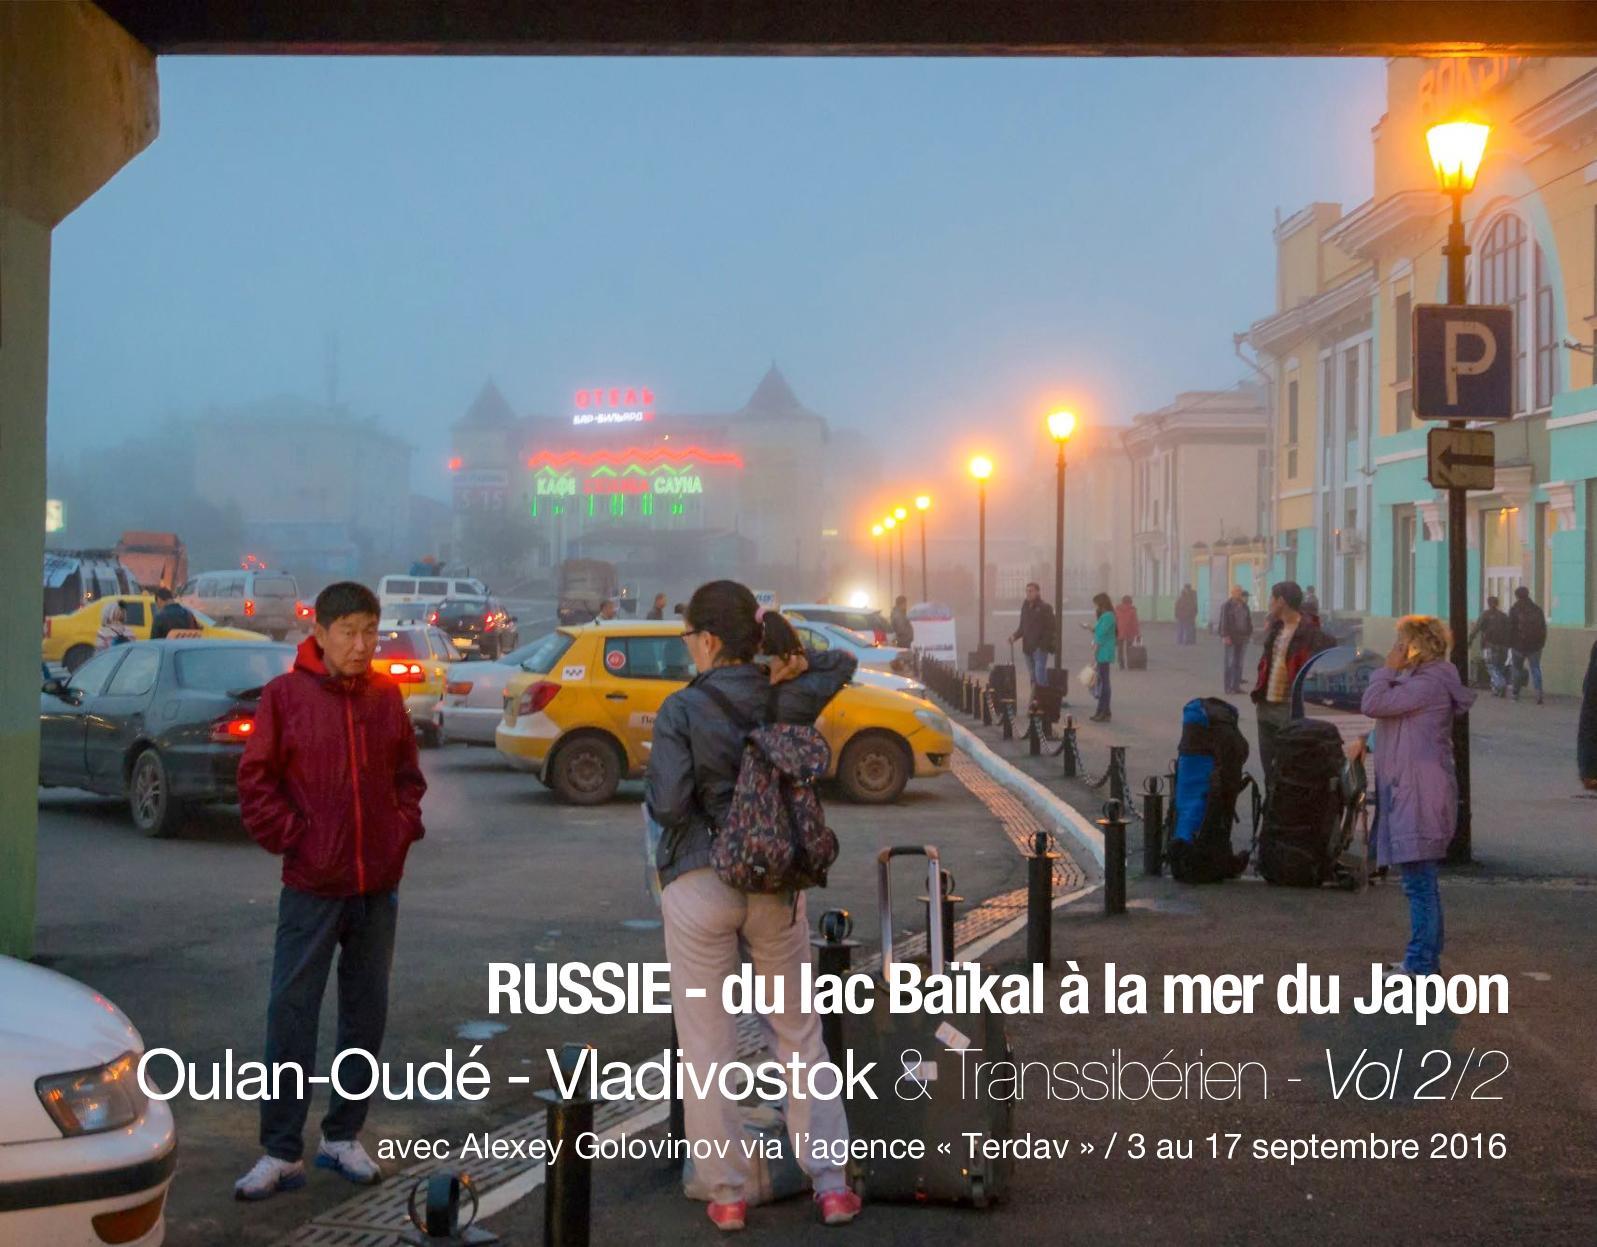 Russie Vol2 Transsibérien